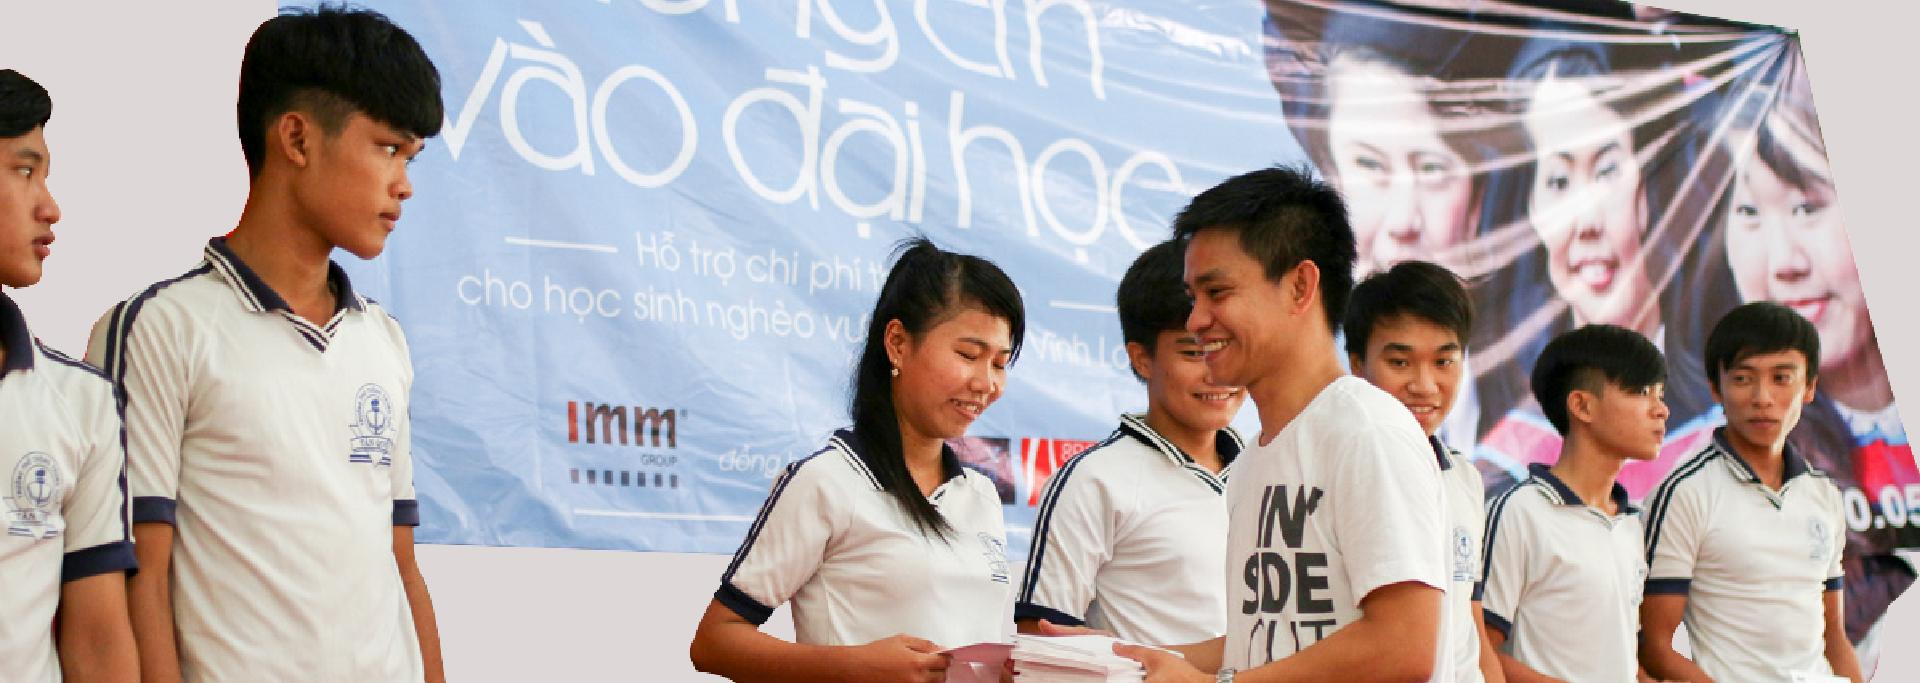 Tran-van-tinh-blog-ca-nhan-2